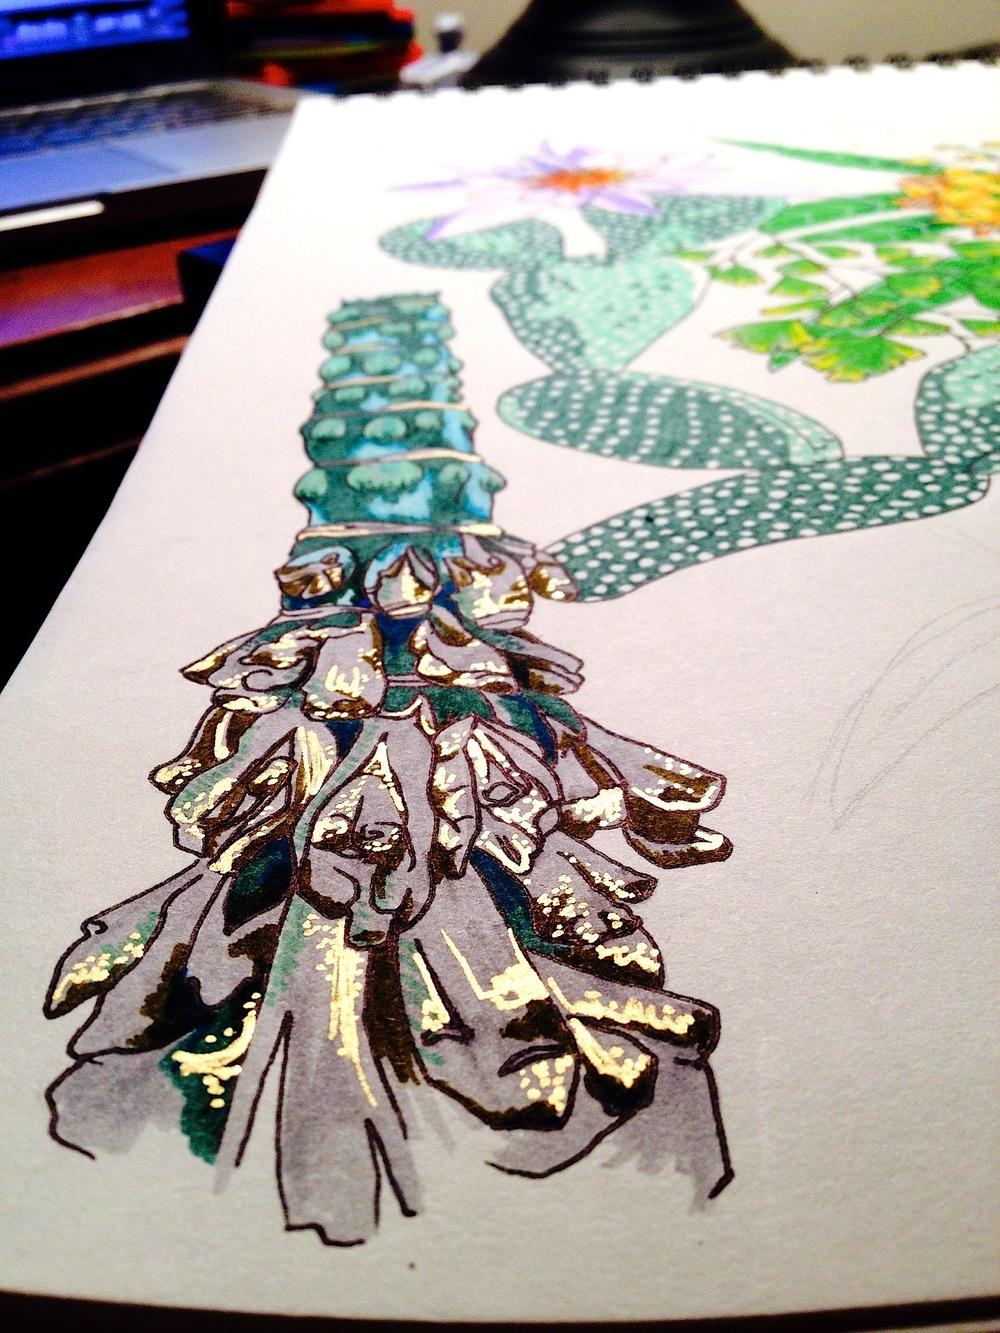 Botanical drawing (detail)